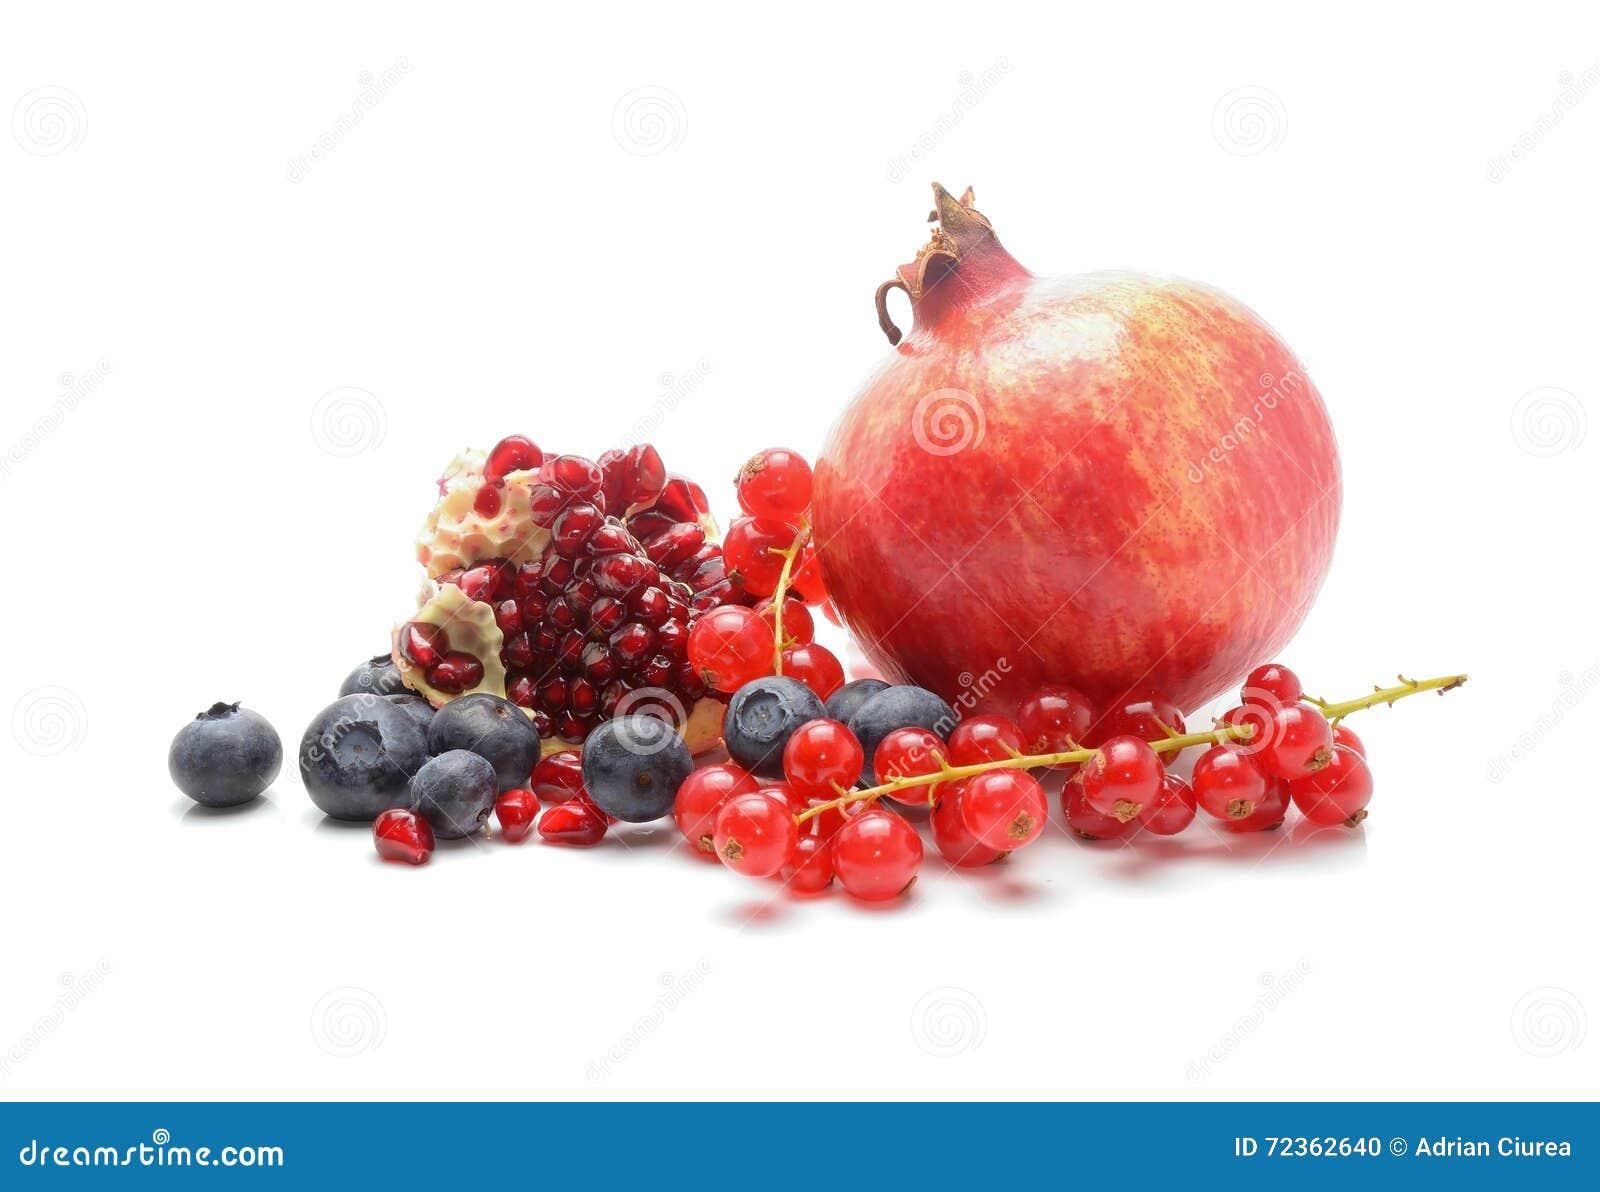 石榴、红浆果和蓝莓